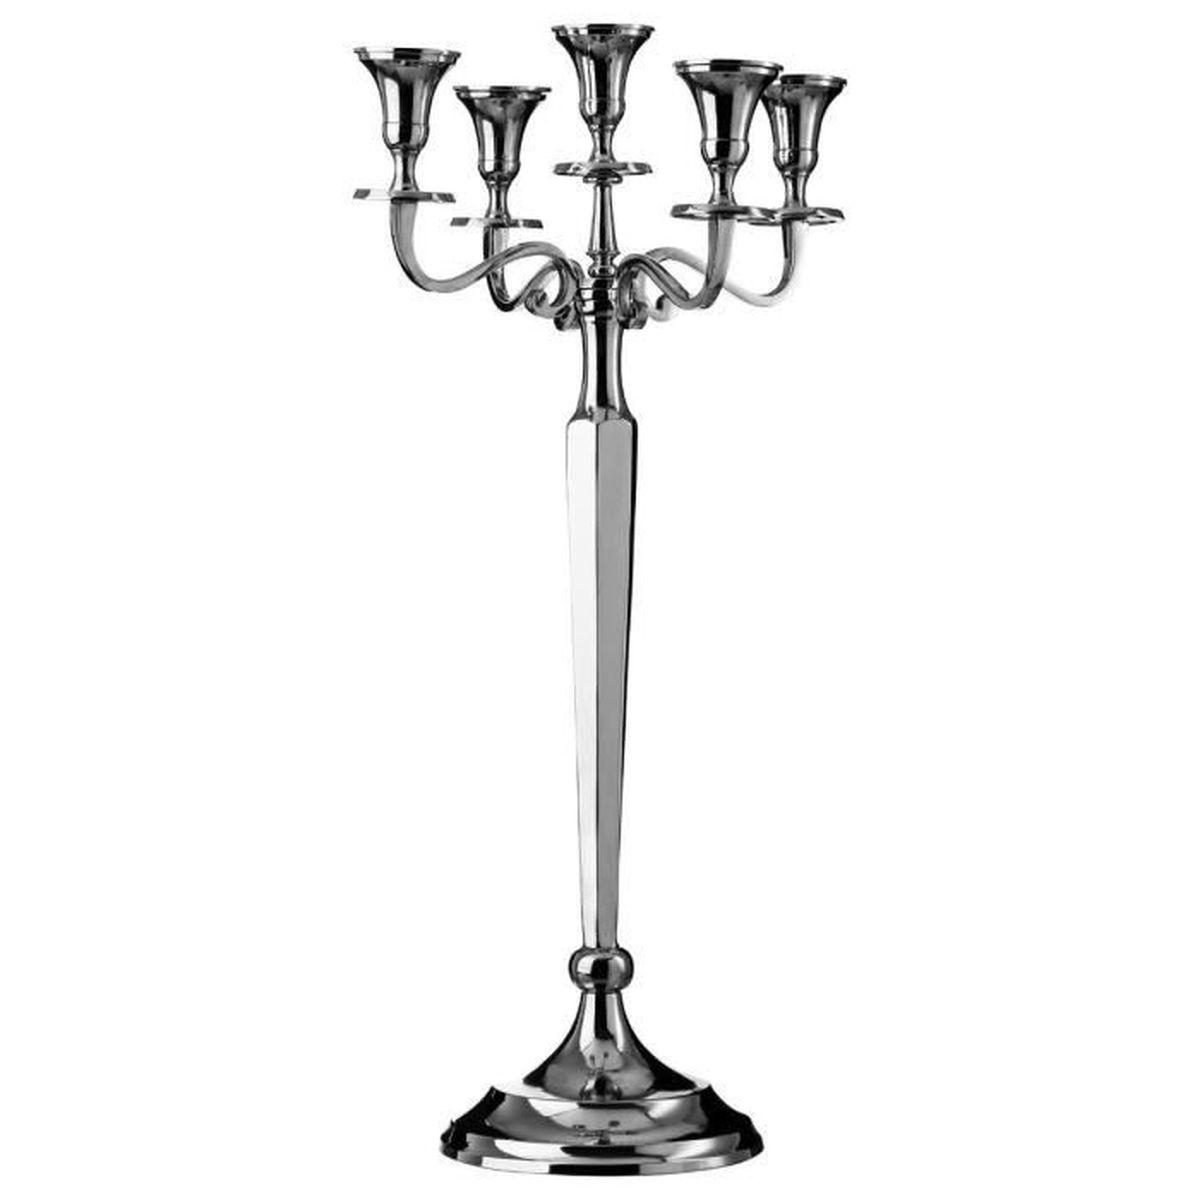 grand bougeoir chandelier 5 branches en aluminium hauteur 88 cm achat vente bougeoir. Black Bedroom Furniture Sets. Home Design Ideas